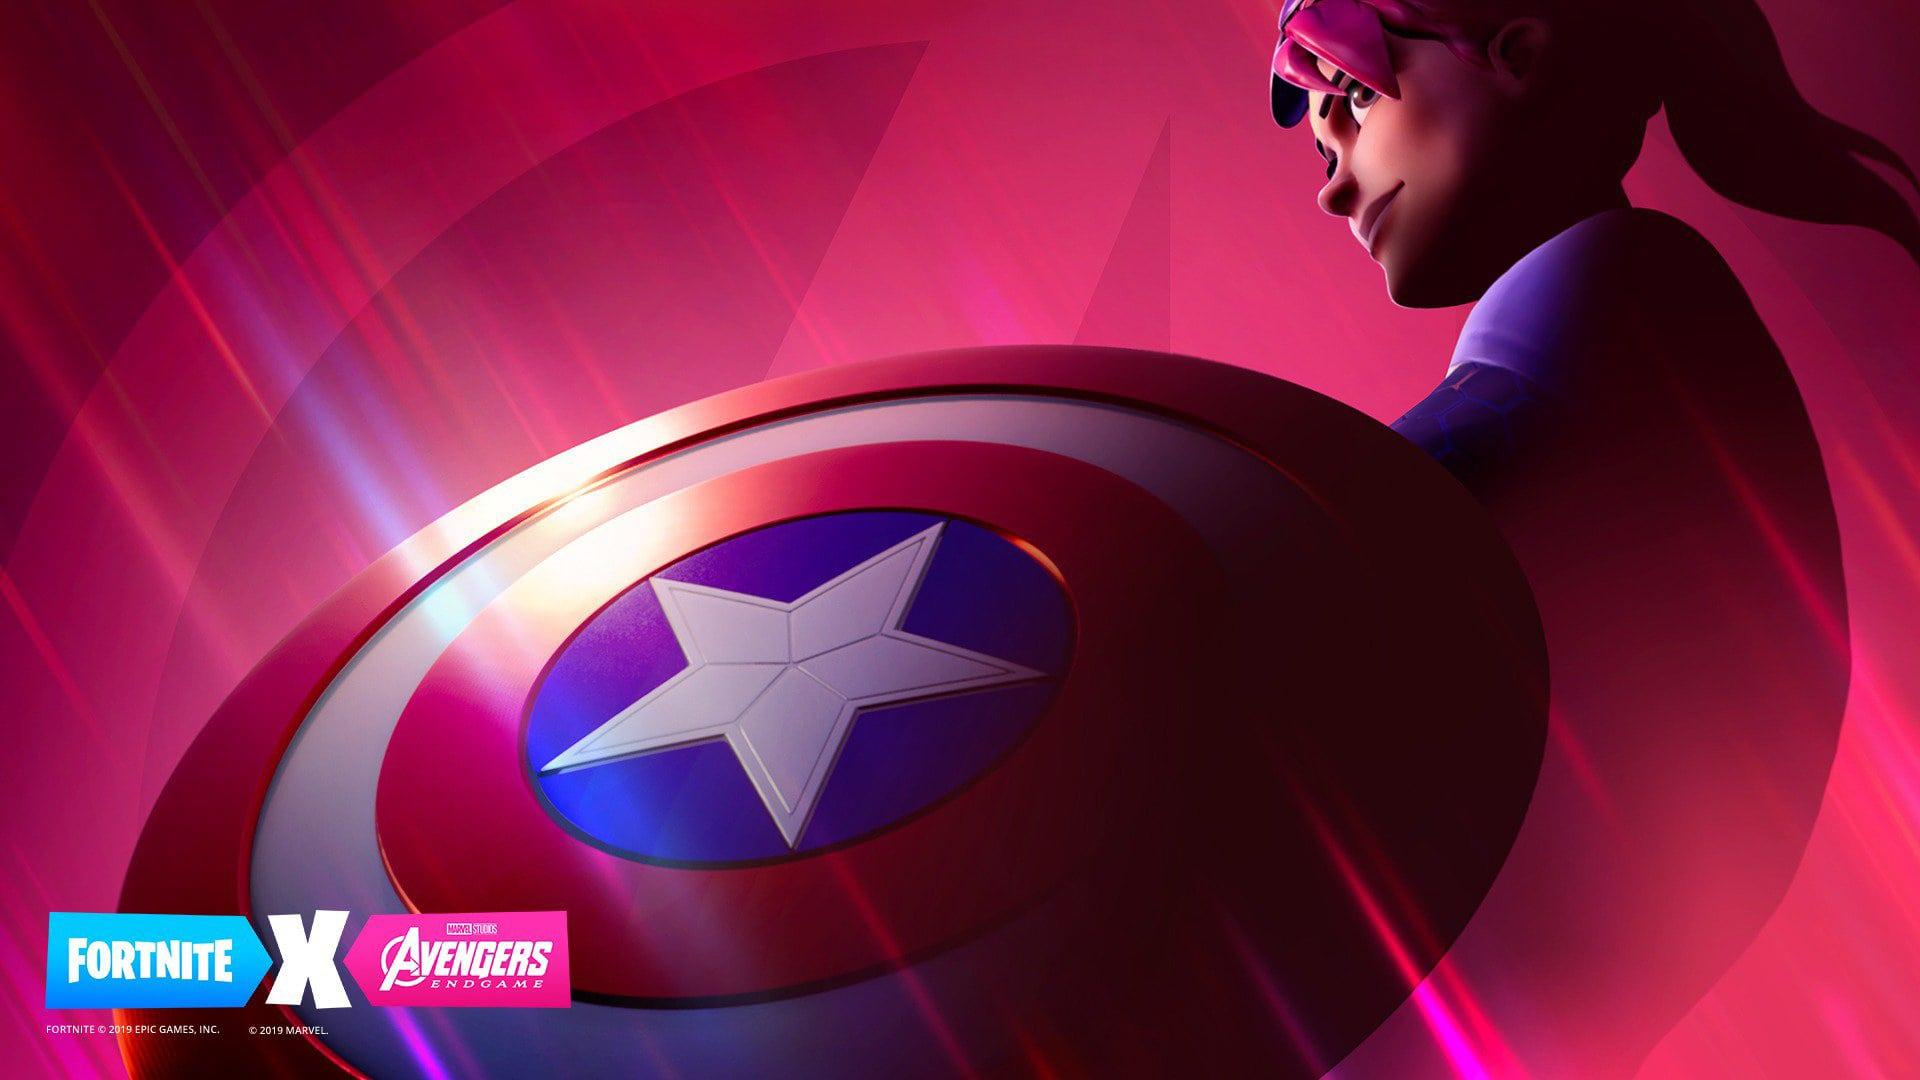 Fortnite Marvel Endgame Crossover Event